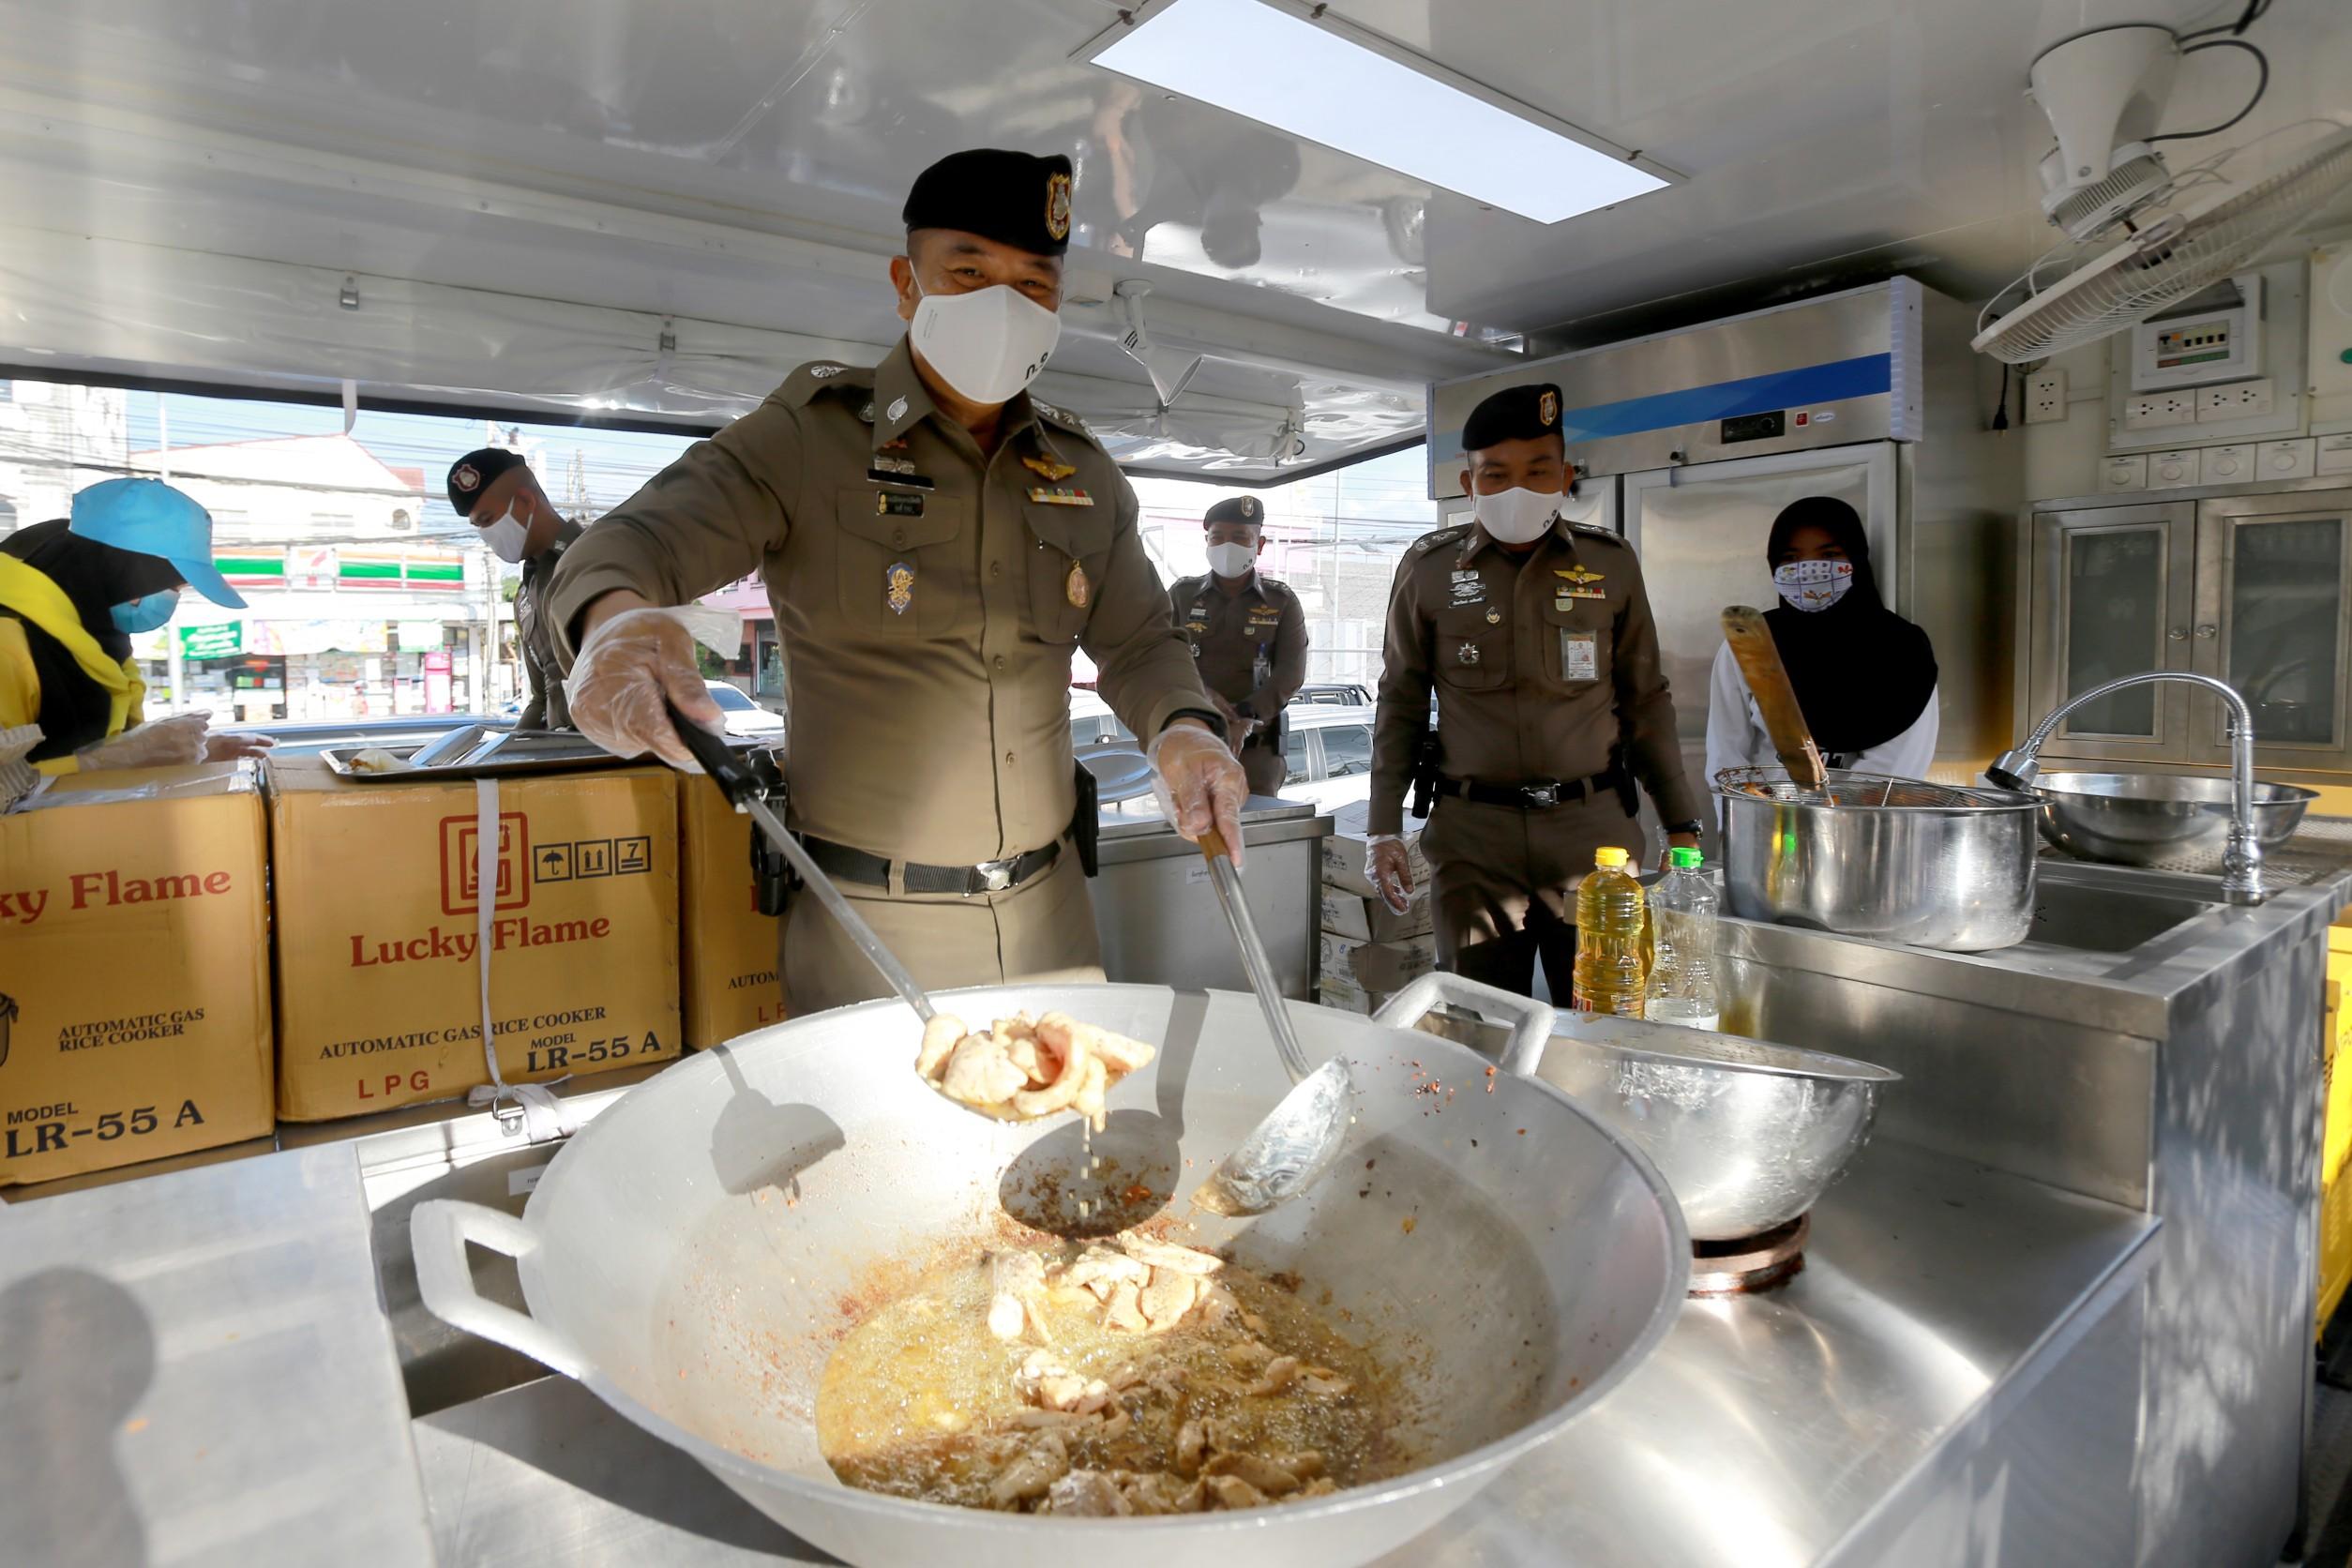 ผบช.ภ.9 ลุยเอง ทอดไก่,ผัดข้าว แจกประชาชน สู้ภัยโควิด-19